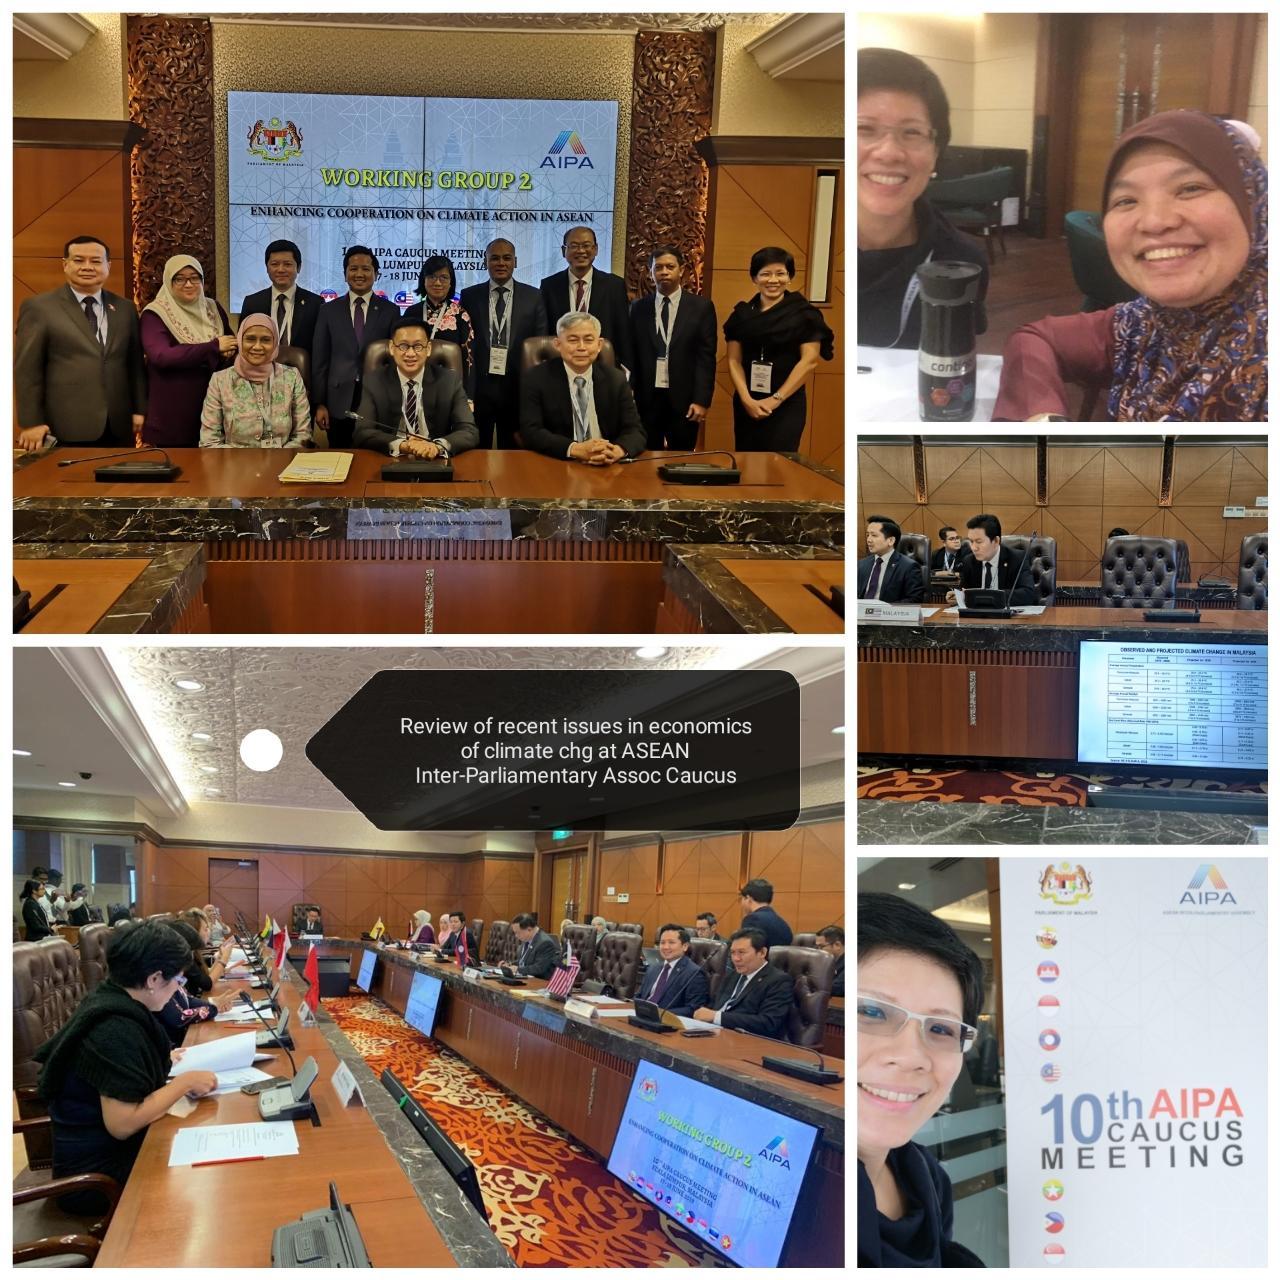 At the 10th AIPA Caucus, Kuala Lumpur, Jun 2019